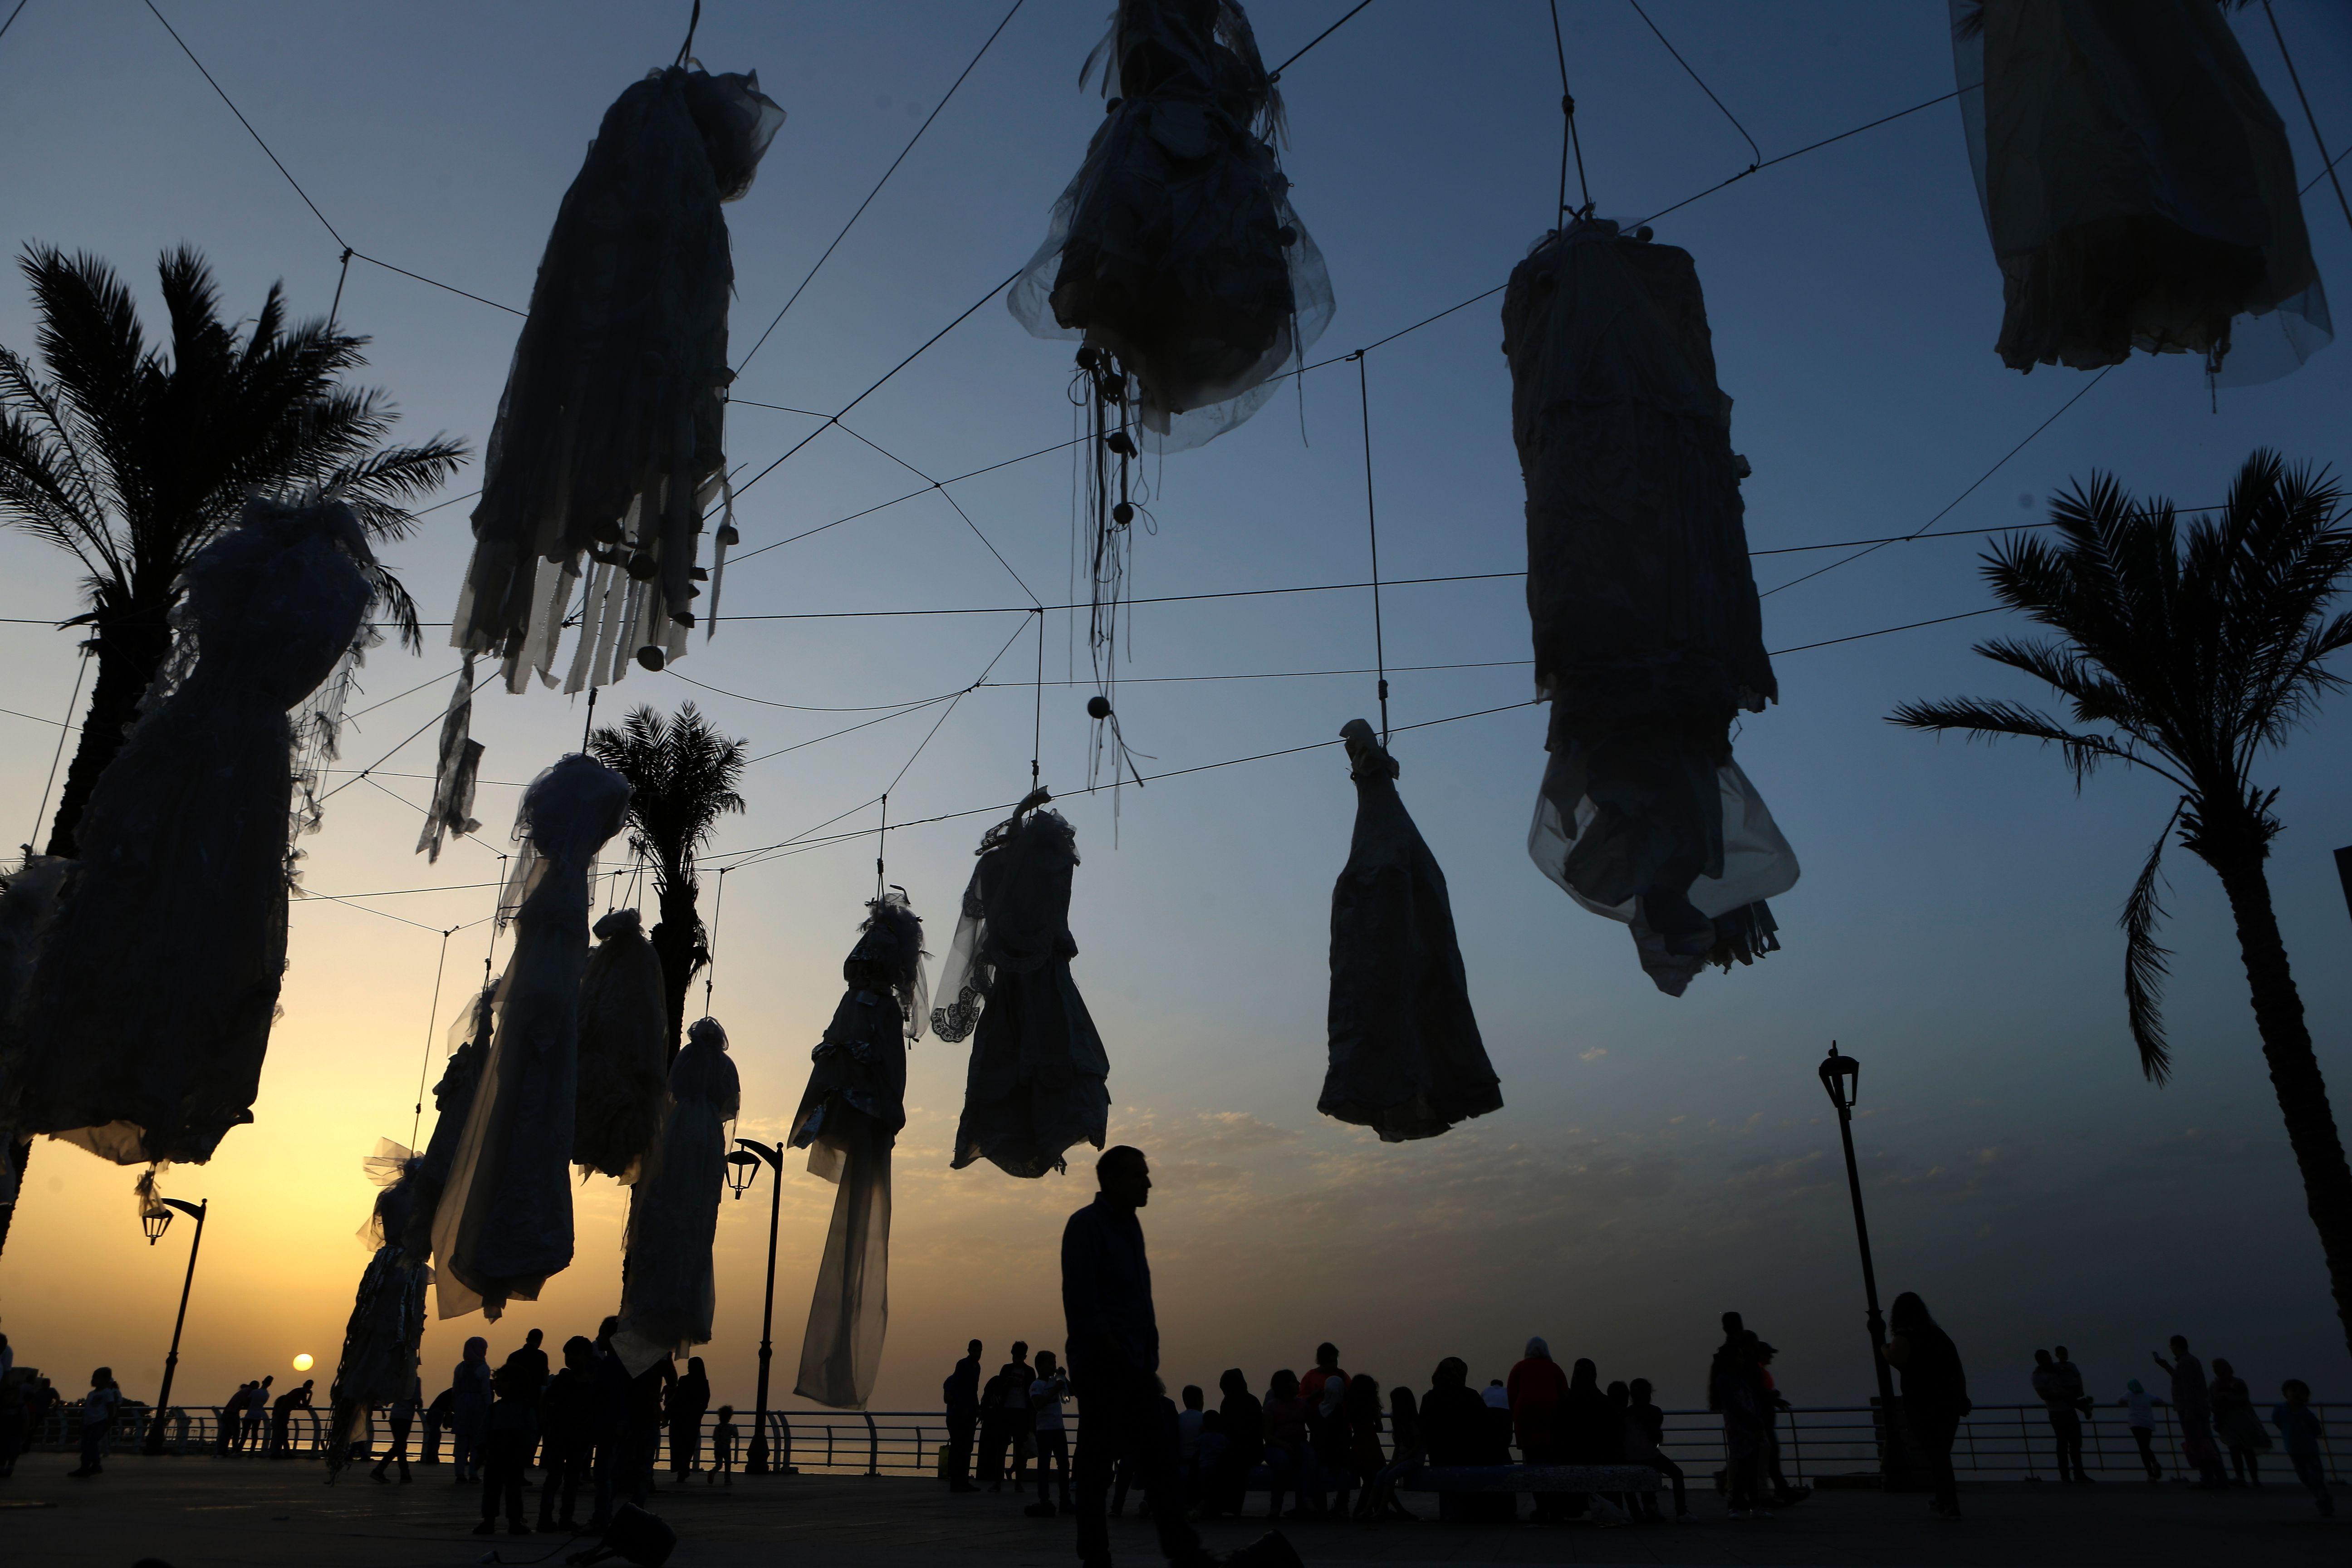 مشهد ليلى للمعرض للاحتجاج على اعفاء المغتصب فى لبنان